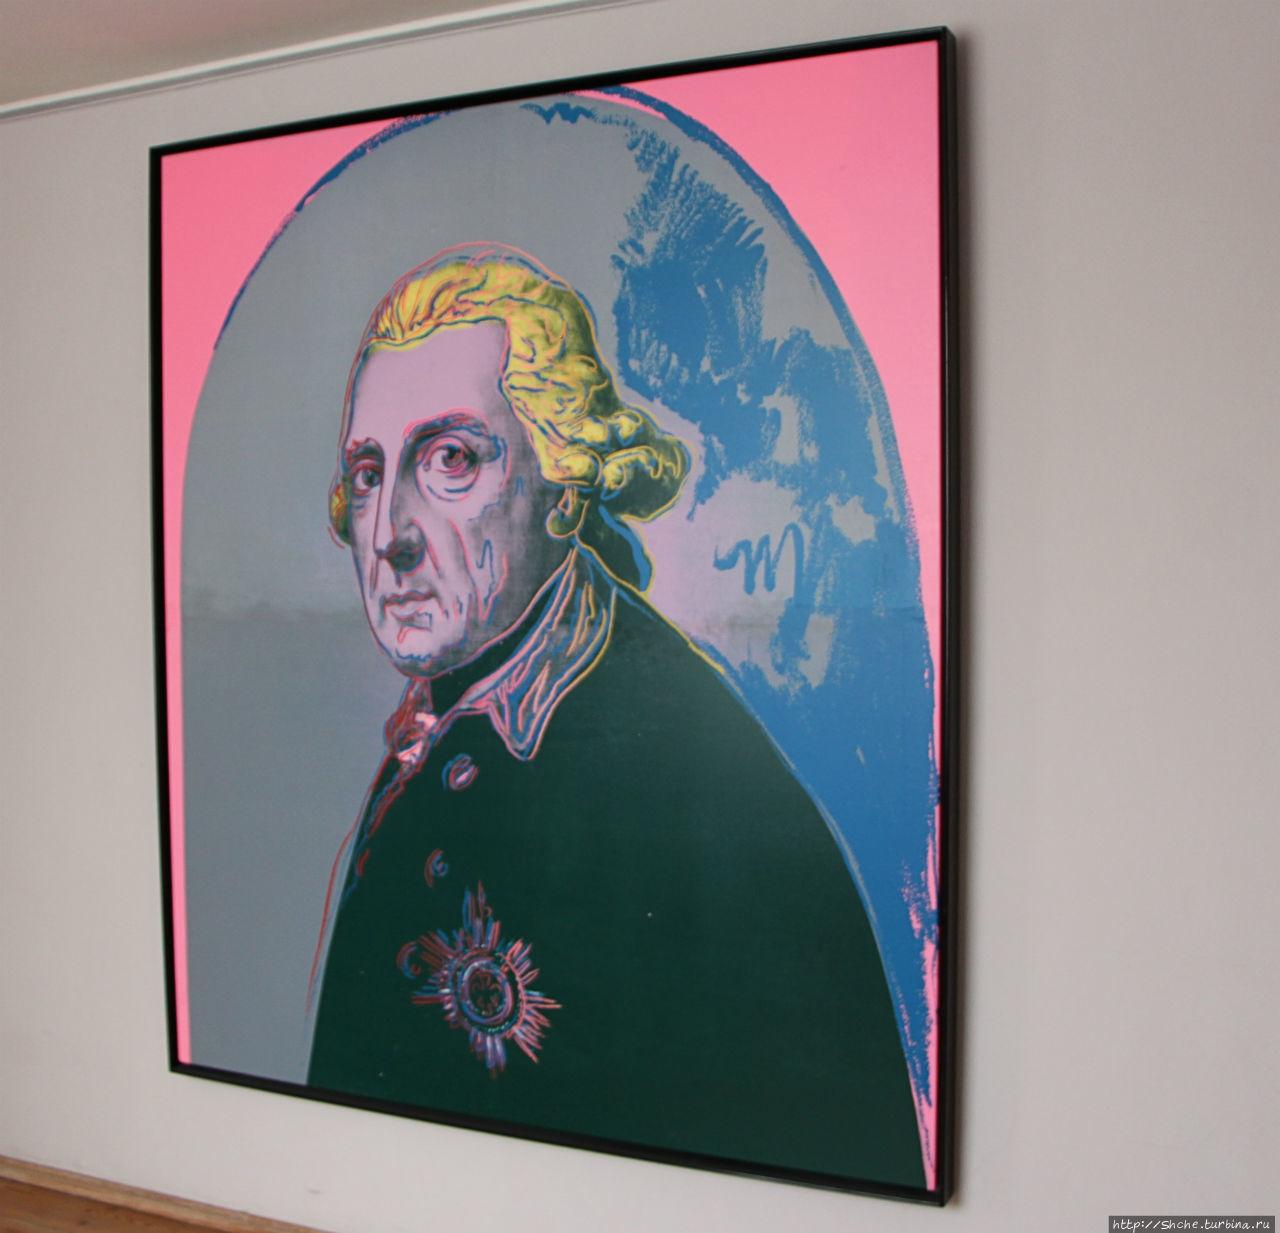 а это уже на выходе знаменитая картина Энди Уорхола (интересно, что бы с ним сделал Фридрих, увидав этот шедевр?)